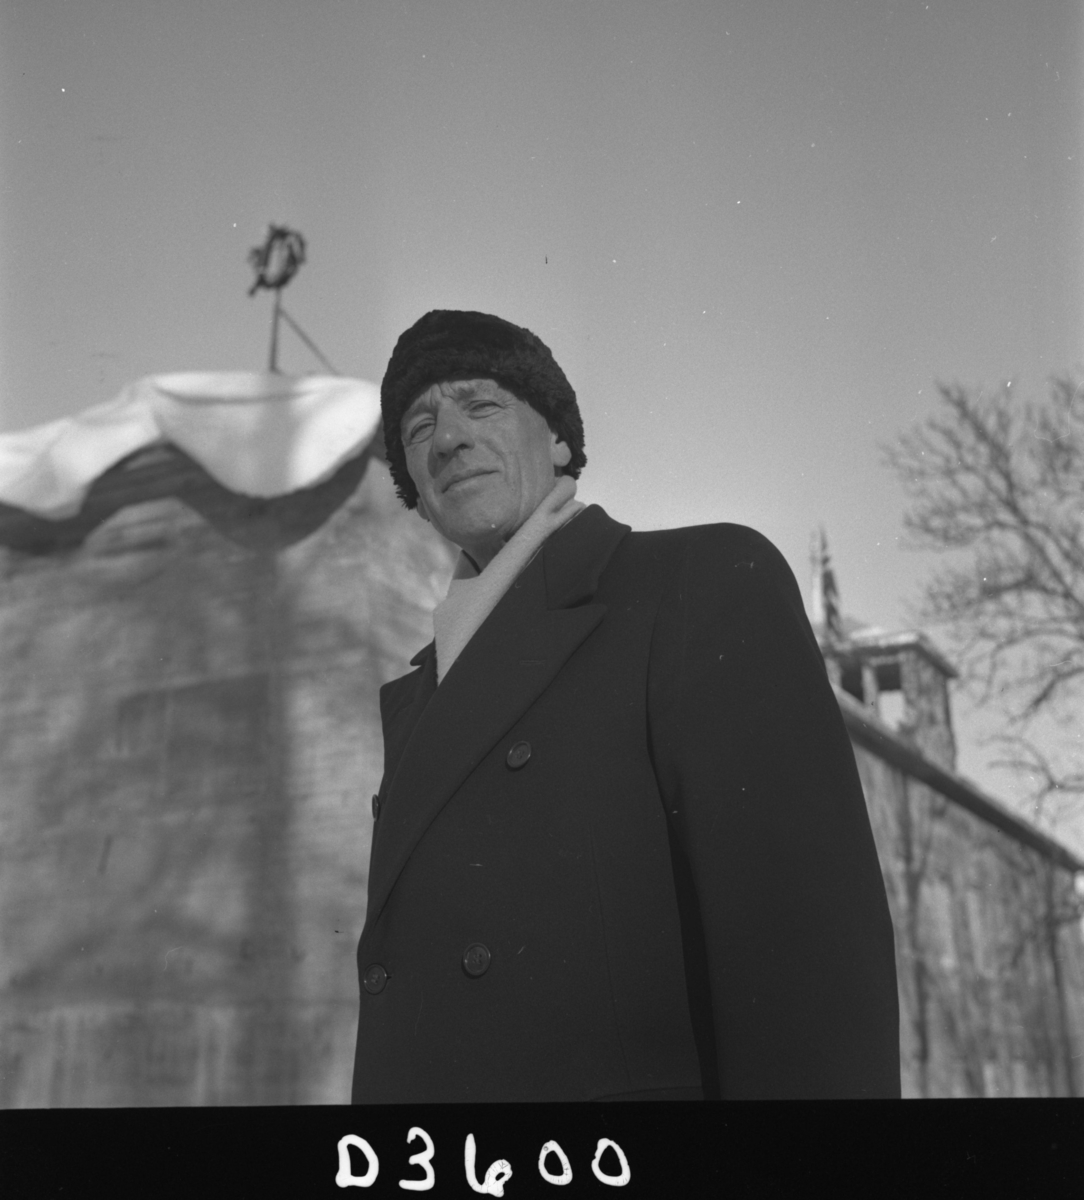 Museumsbygningen  på Langsæ.  Kranselag, kransen henger i en stang på taket i bakgrunnen. Vinter med snø. I forgrunnen fylkeskonservator og museumsbestyrer Albert Ugland.